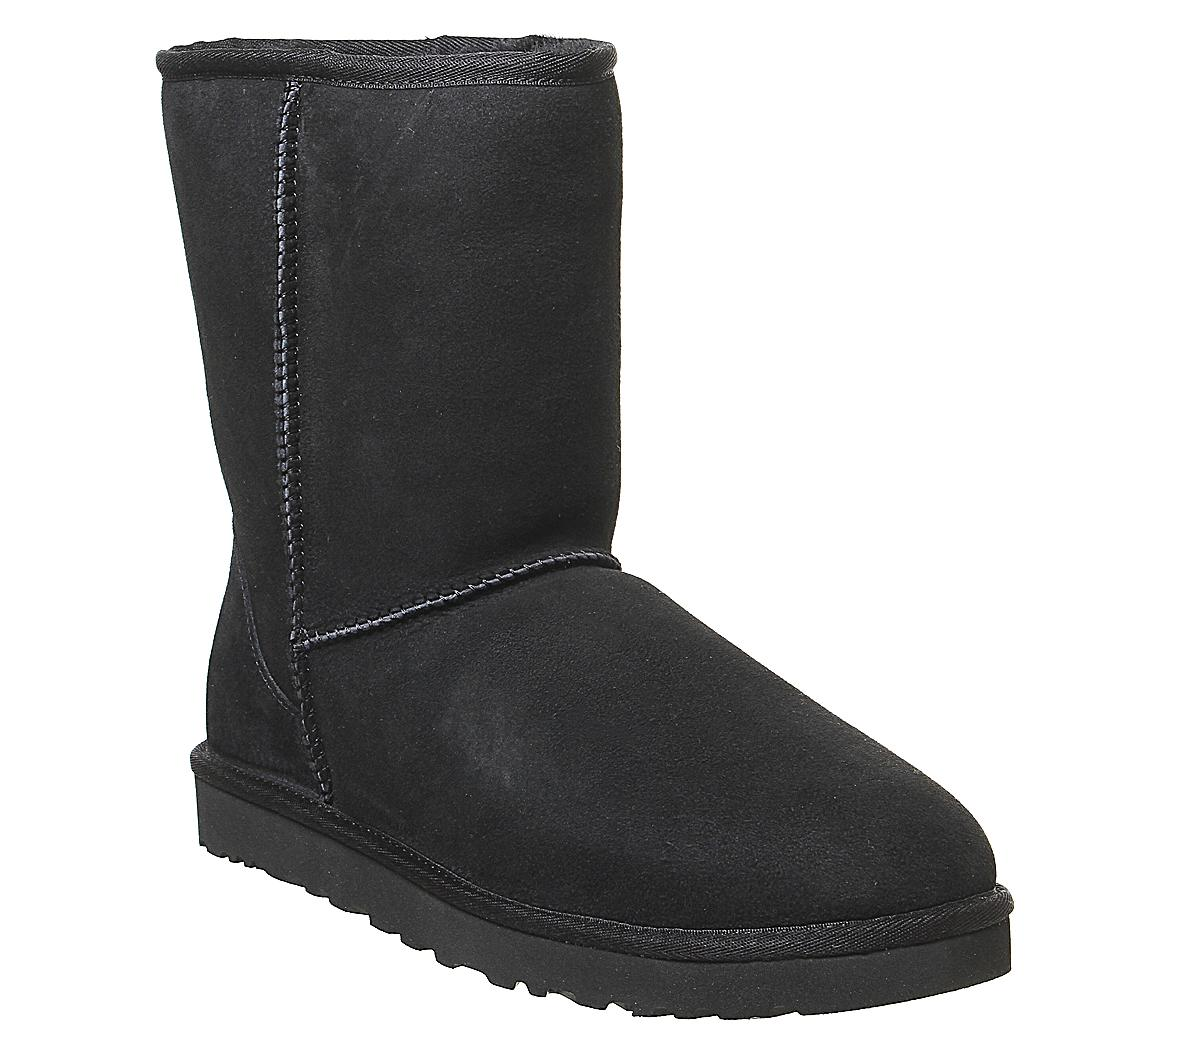 Mens Classic Short Boots